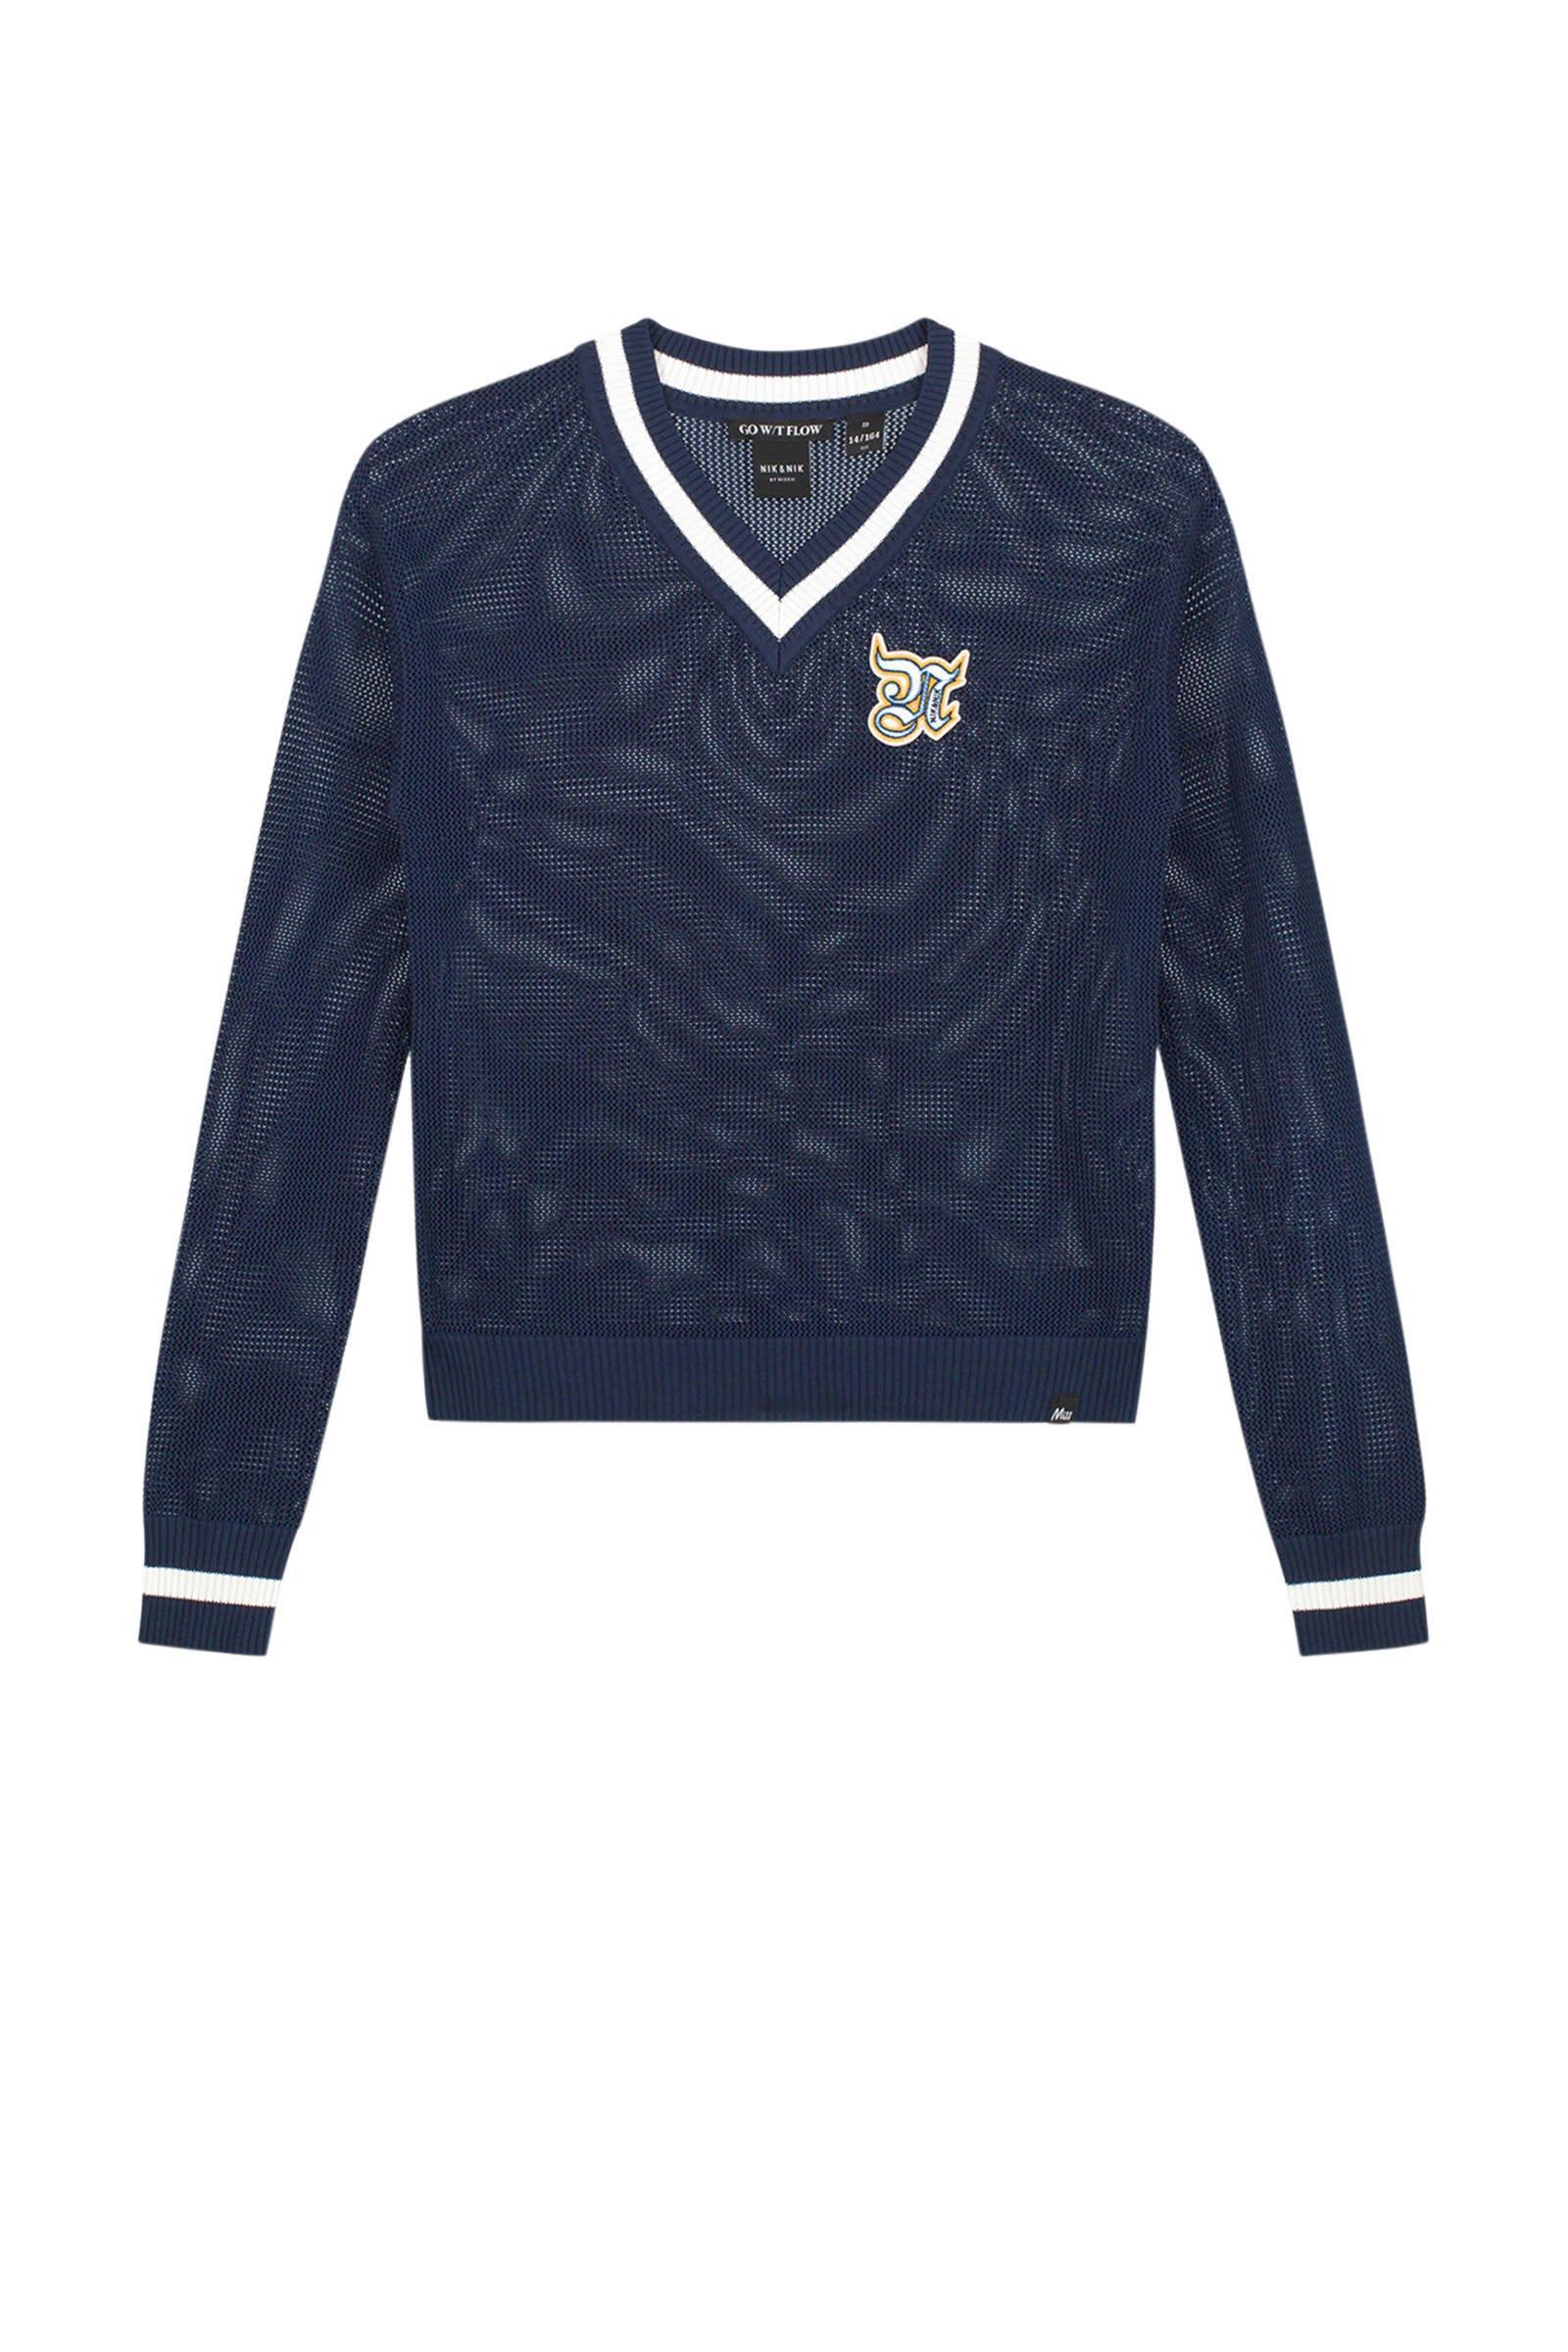 NIK&NIK trui Stanford met logo blauw/wit - maat 128